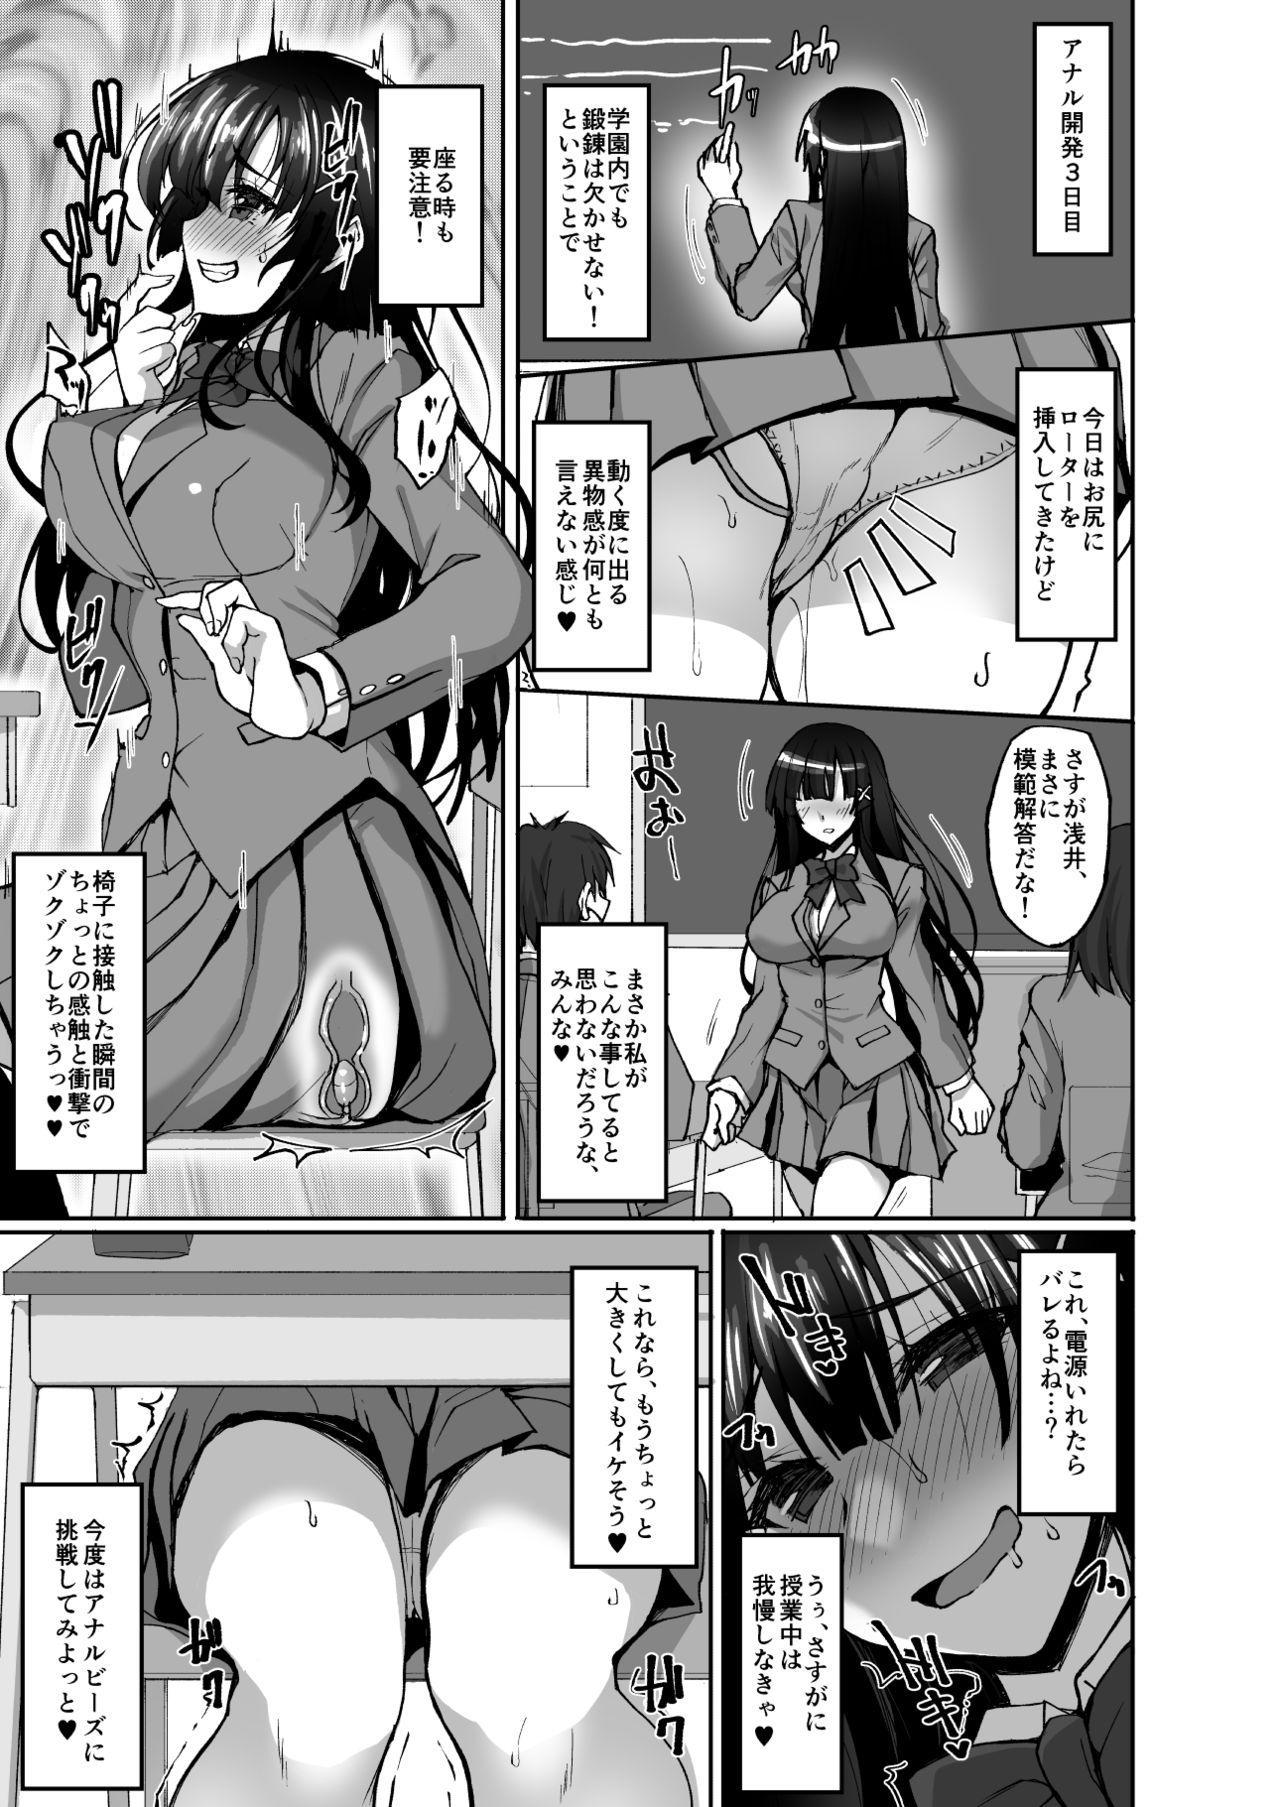 [Labomagi! (Takeda Aranobu)] CHI(SHIRI)SHOJOFUKIIIN no MINNA ni IENAI INBI na ONEGAI 3 ~Asai Saki no Oshiri Kaihatsu Shuukan to Kanojo no Heya de Hajimete no Anal SEX~ [Digital] 5